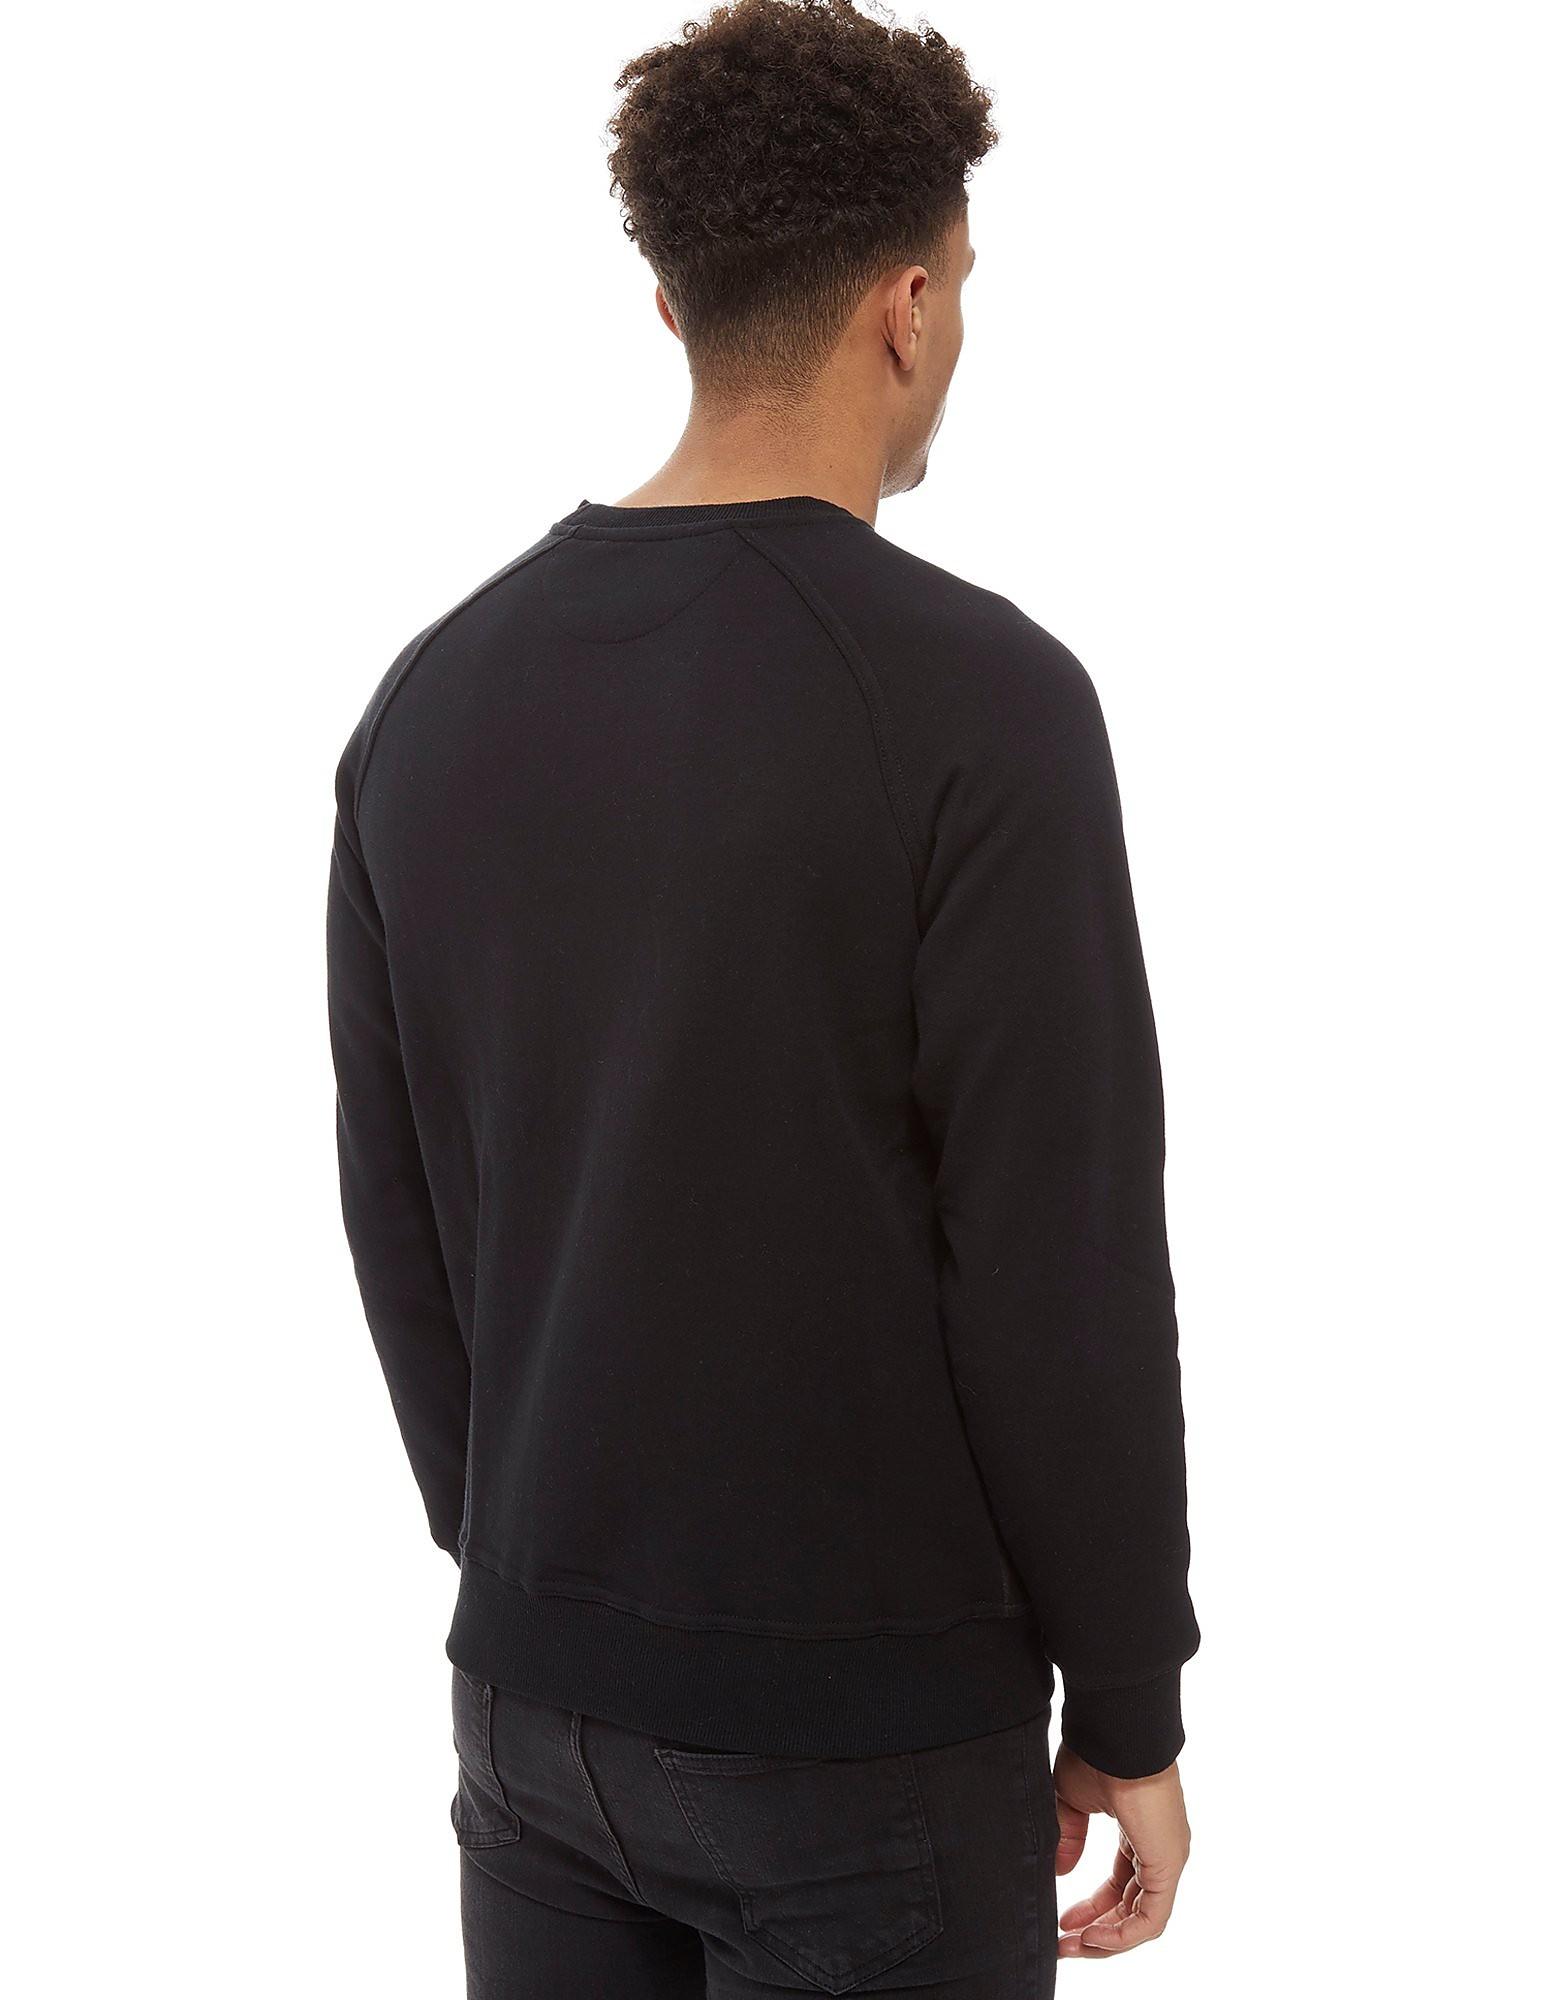 McKenzie Shay Crew 2 Sweatshirt Homme